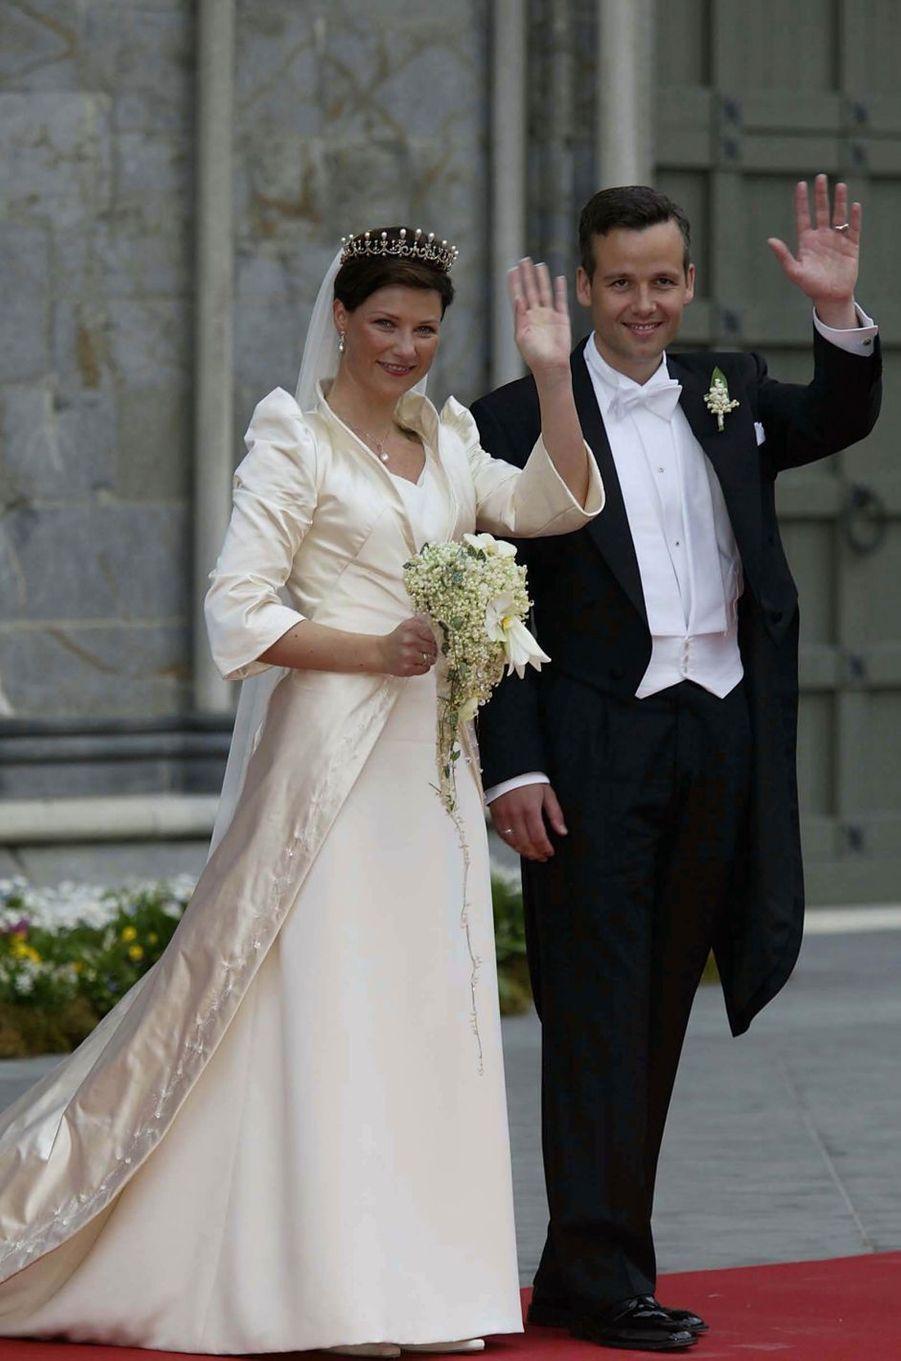 La princesse Märtha Louise de Norvège et Ari Behn lors de leur mariage, le 24 mai 2002